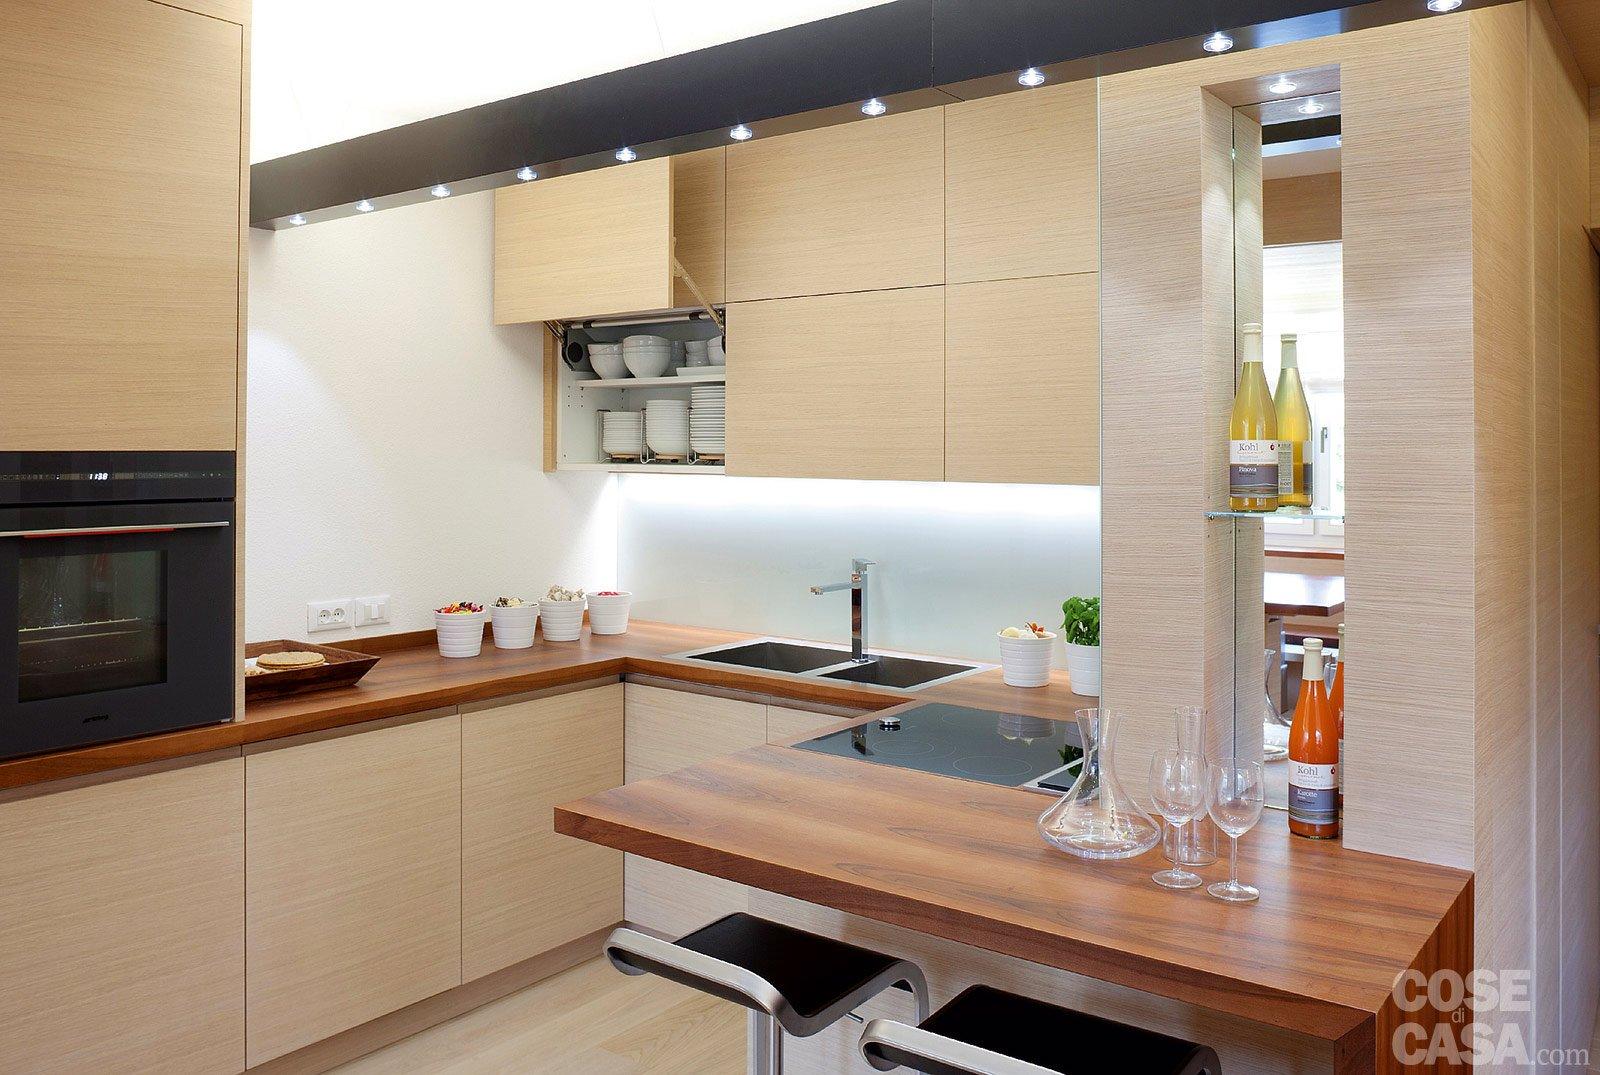 57 mq una casa con stanze trasformabili cose di casa - Cucine moderne con finestra sul lavello ...